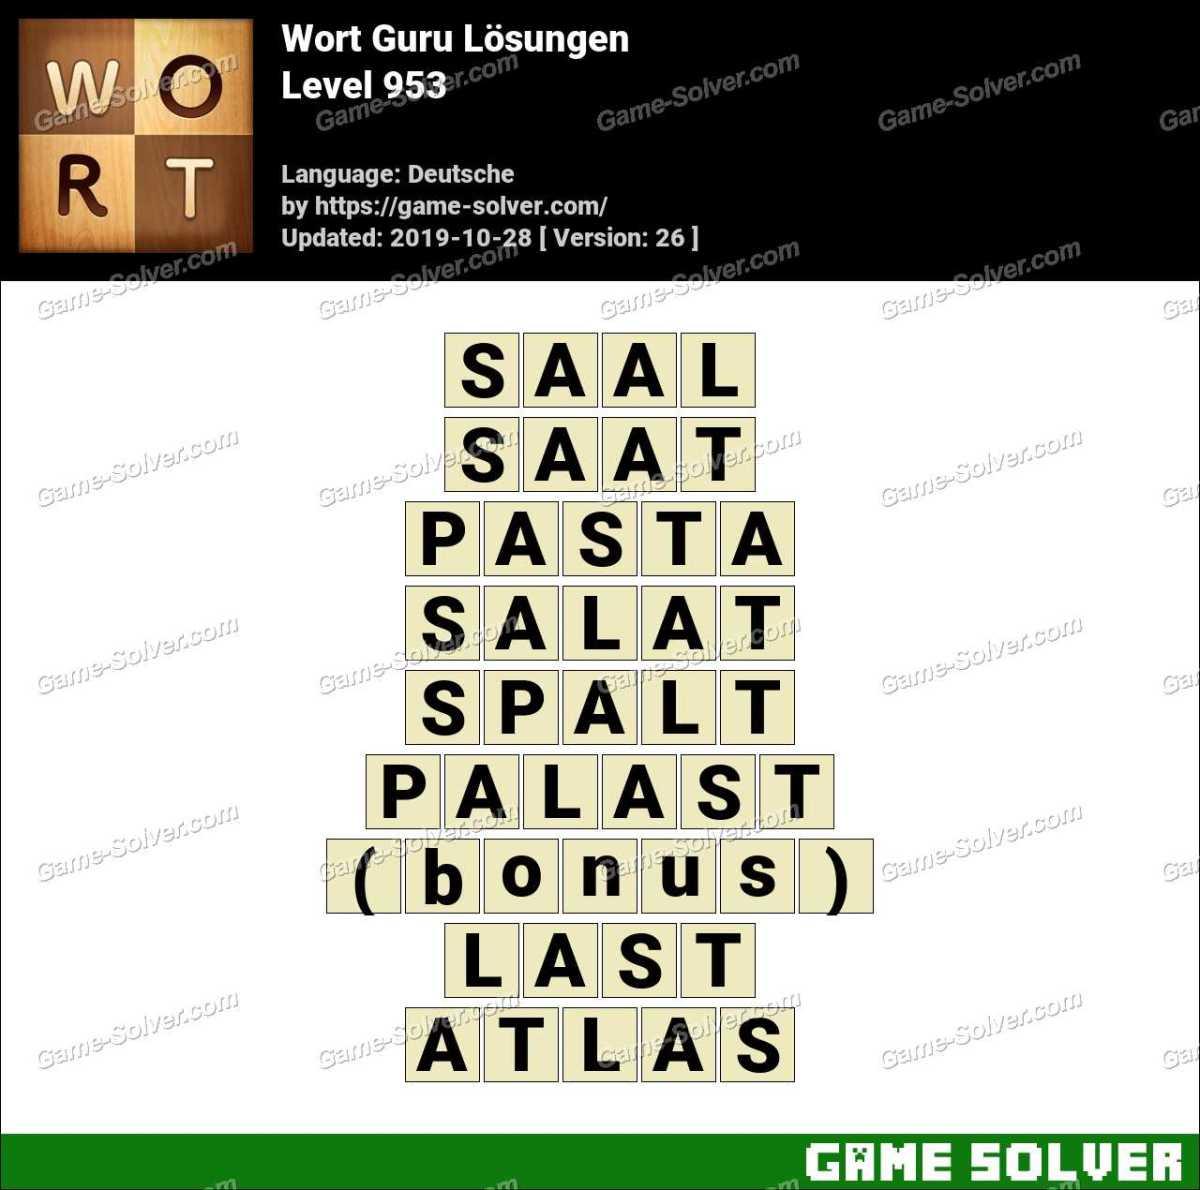 Wort Guru Level 953 Lösungen